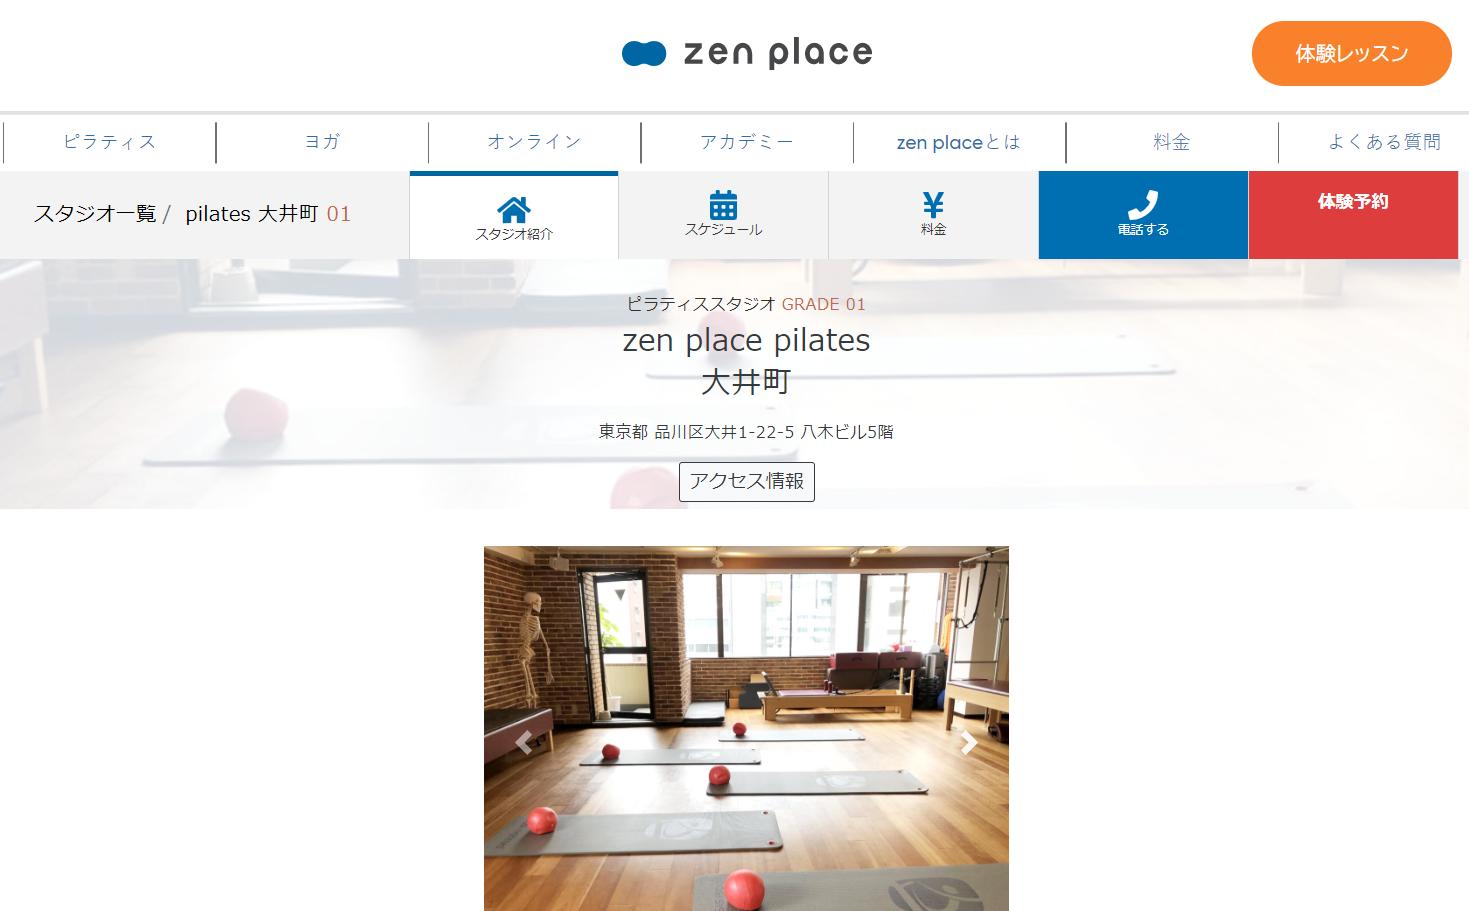 zen place pilates 大井町店